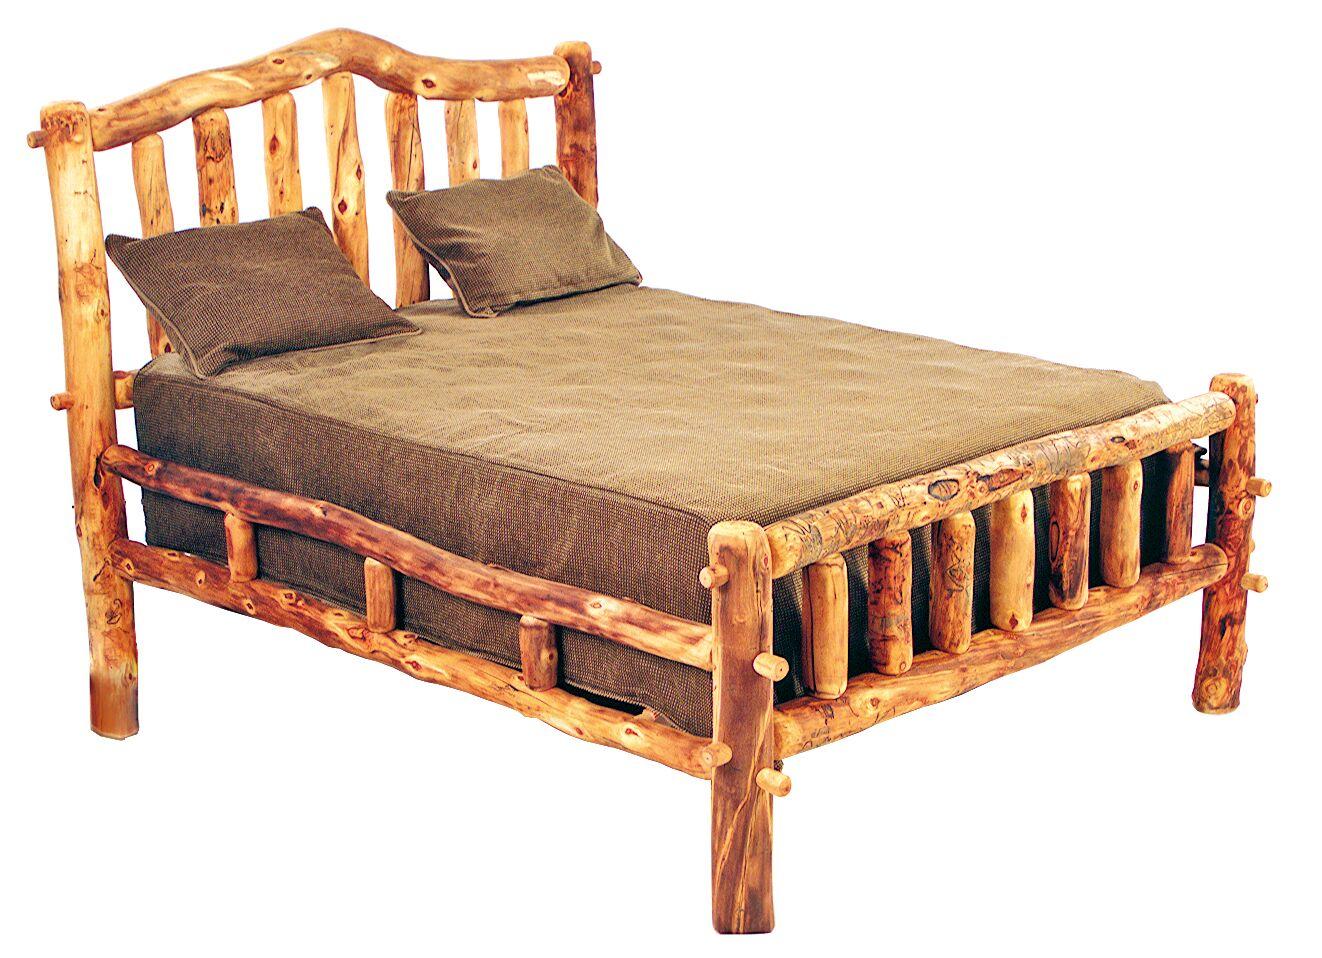 Aspen Heirloom Snowload I Platform Bed Color: Golden Poly, Size: Full